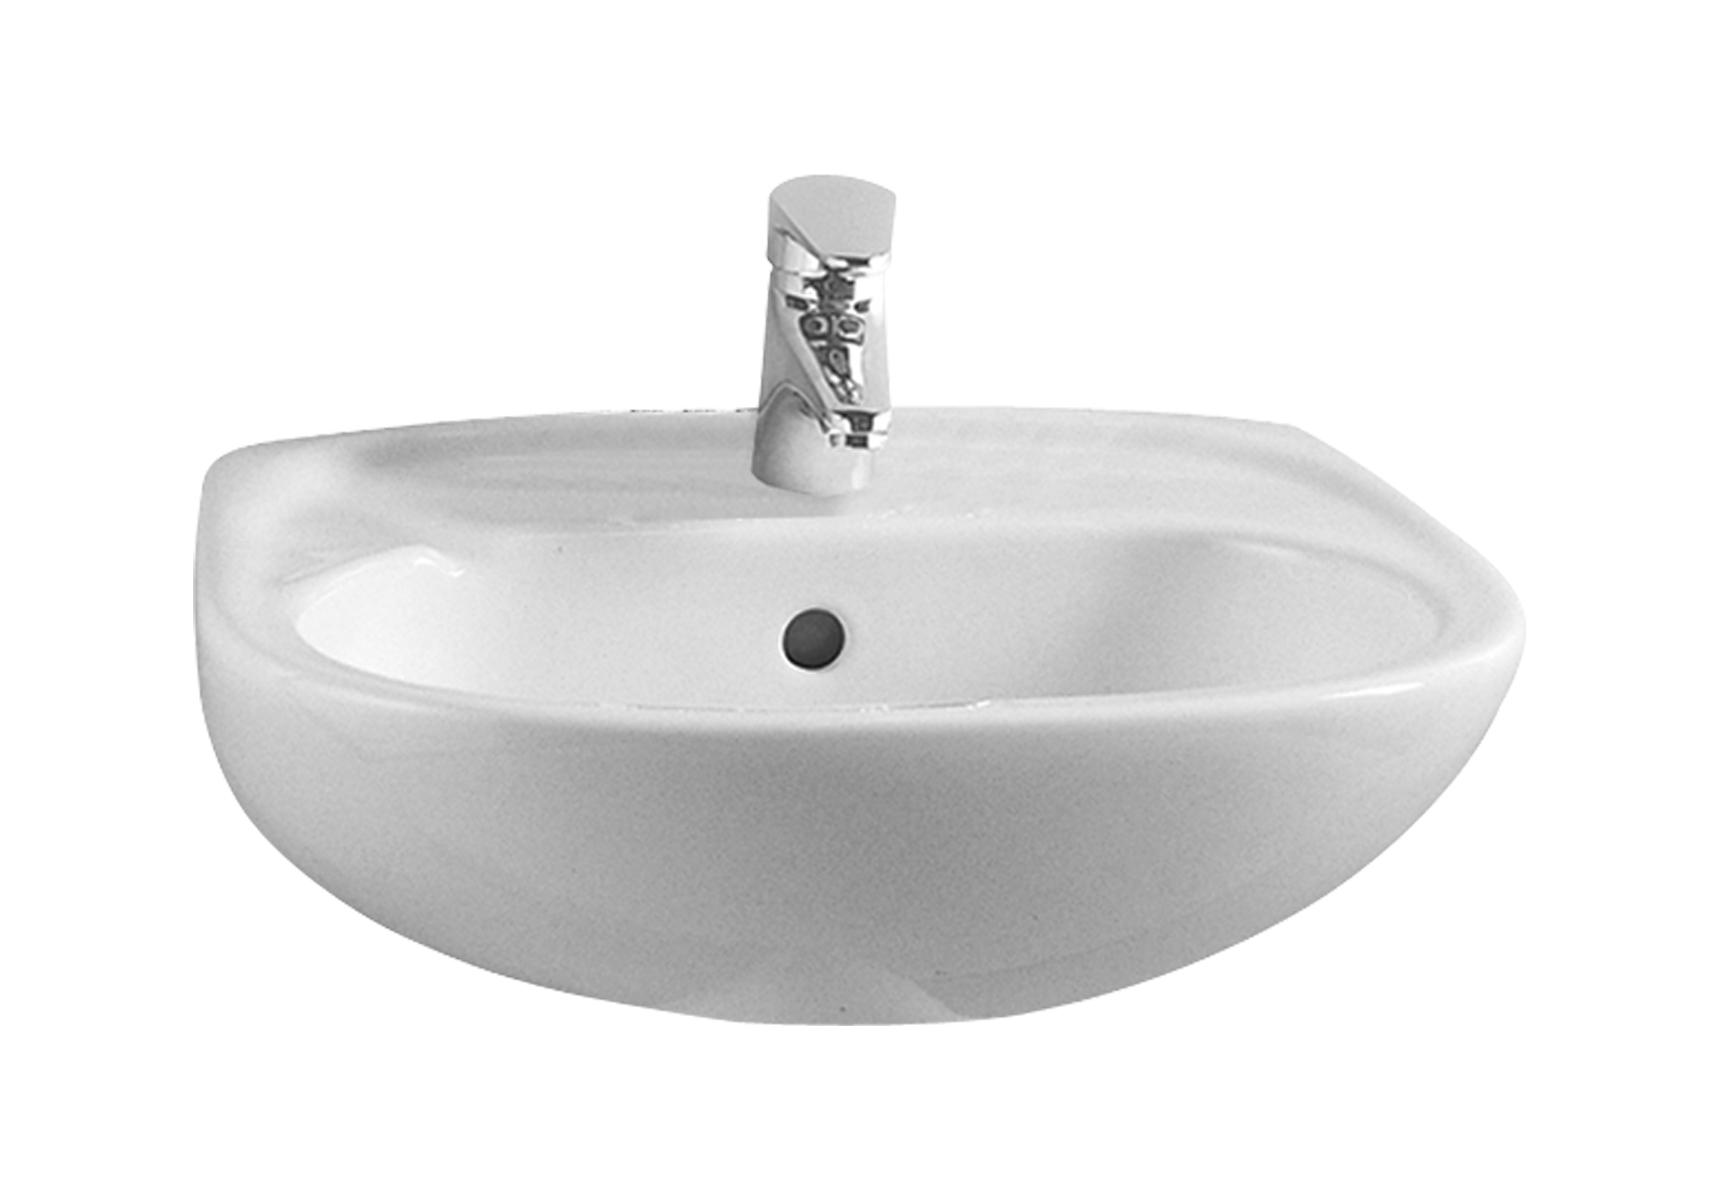 Normus lave-mains, 45 cm, 1 trou de robinet central, avec trop-plein